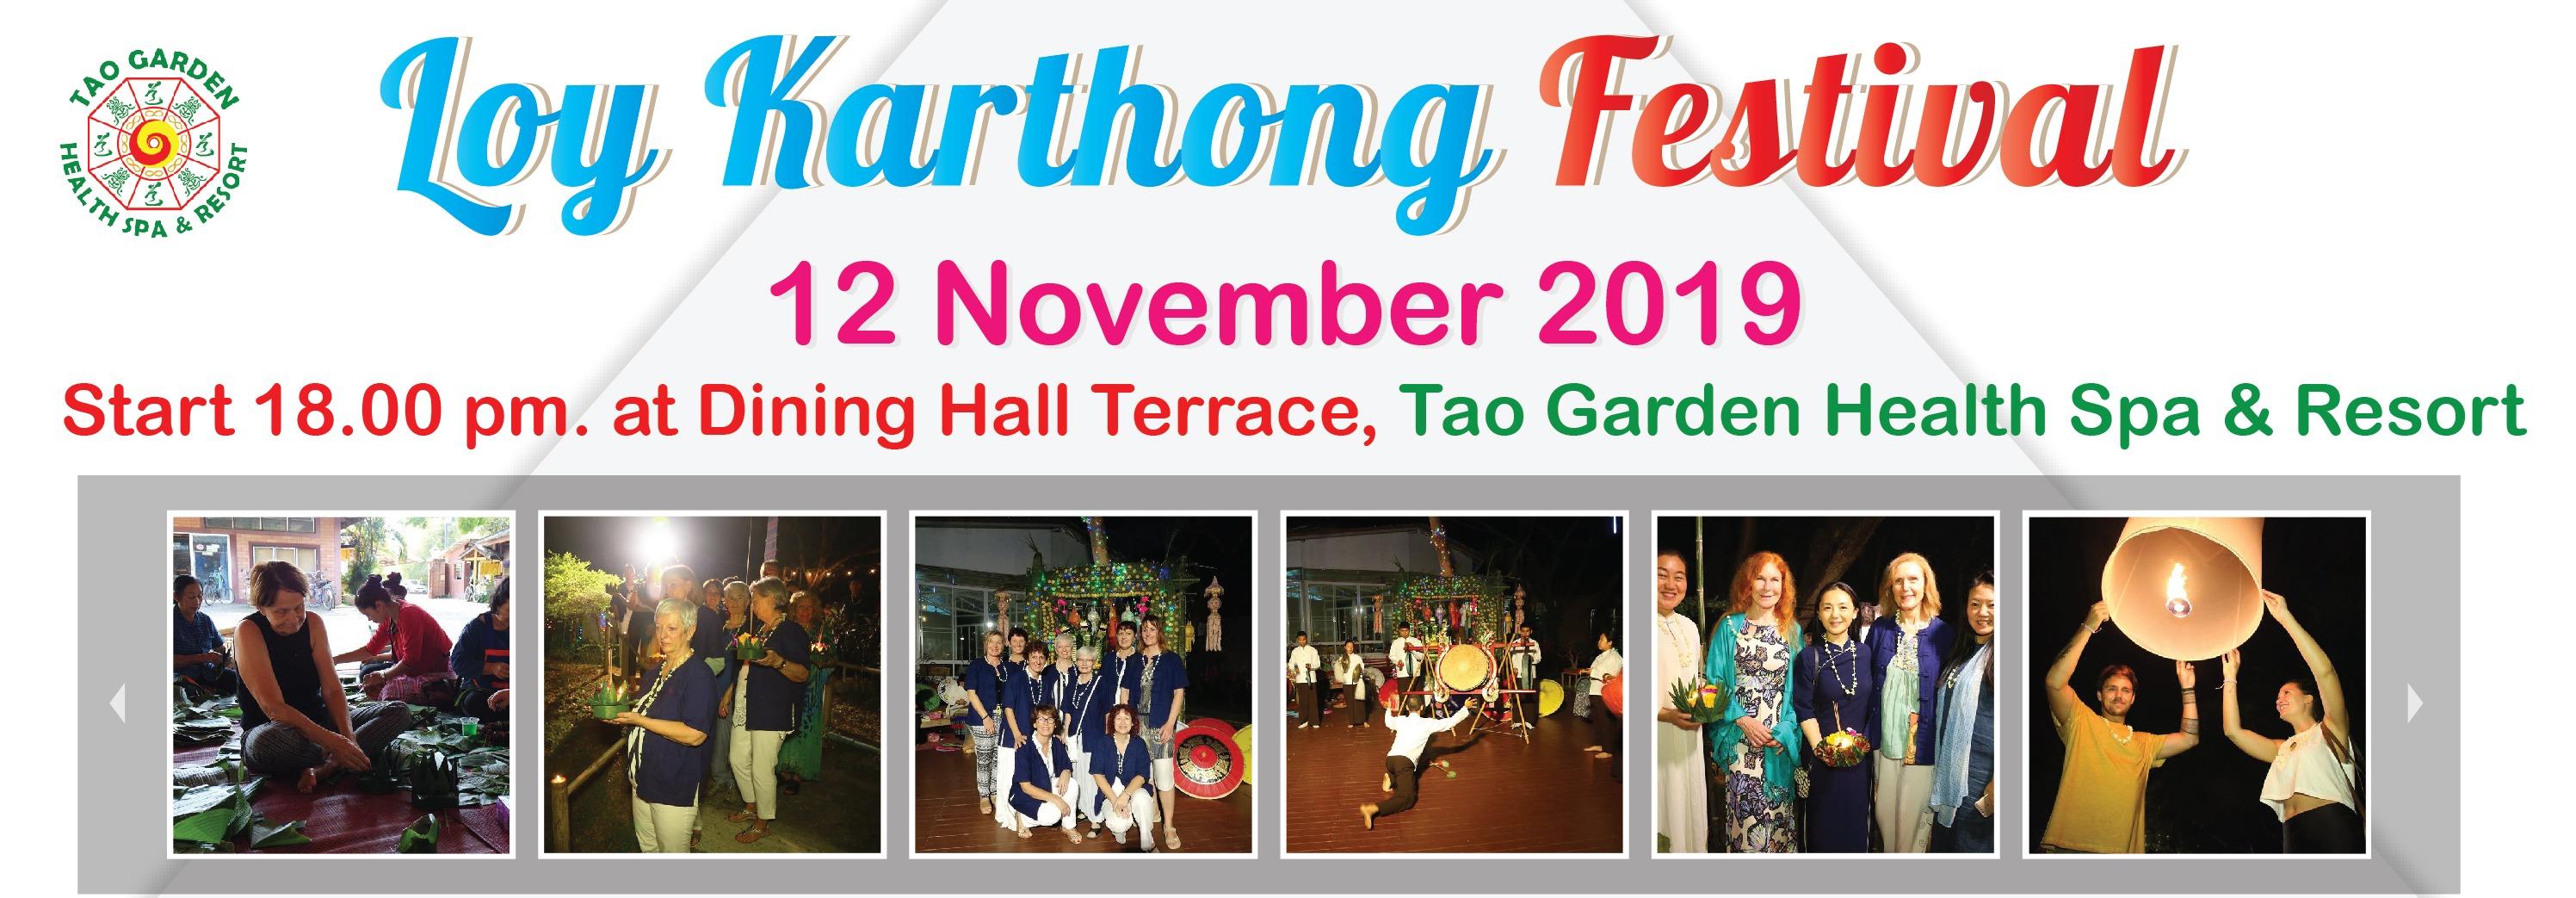 Loy Karthong Festival 12 November 2019